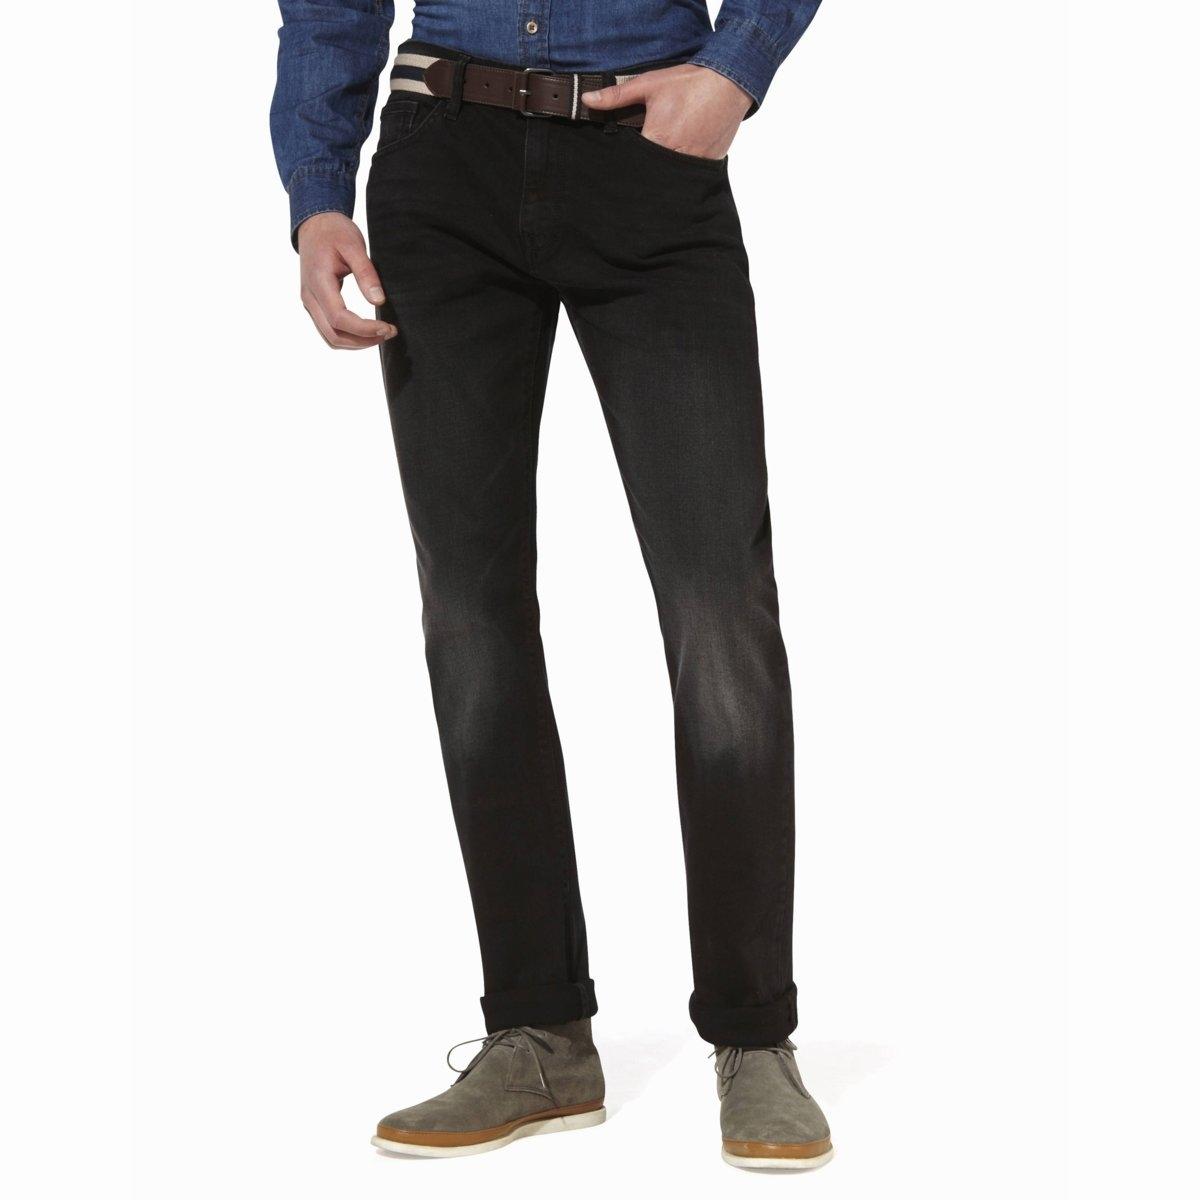 Джинсы COMEAN, прямой покройДжинсы модели COMEAN от CELIO.5 карманов. Прямой покрой. Деним стрейч, 99% хлопка, 1% эластана. Планка застёжки на пуговицы.<br><br>Цвет: черный